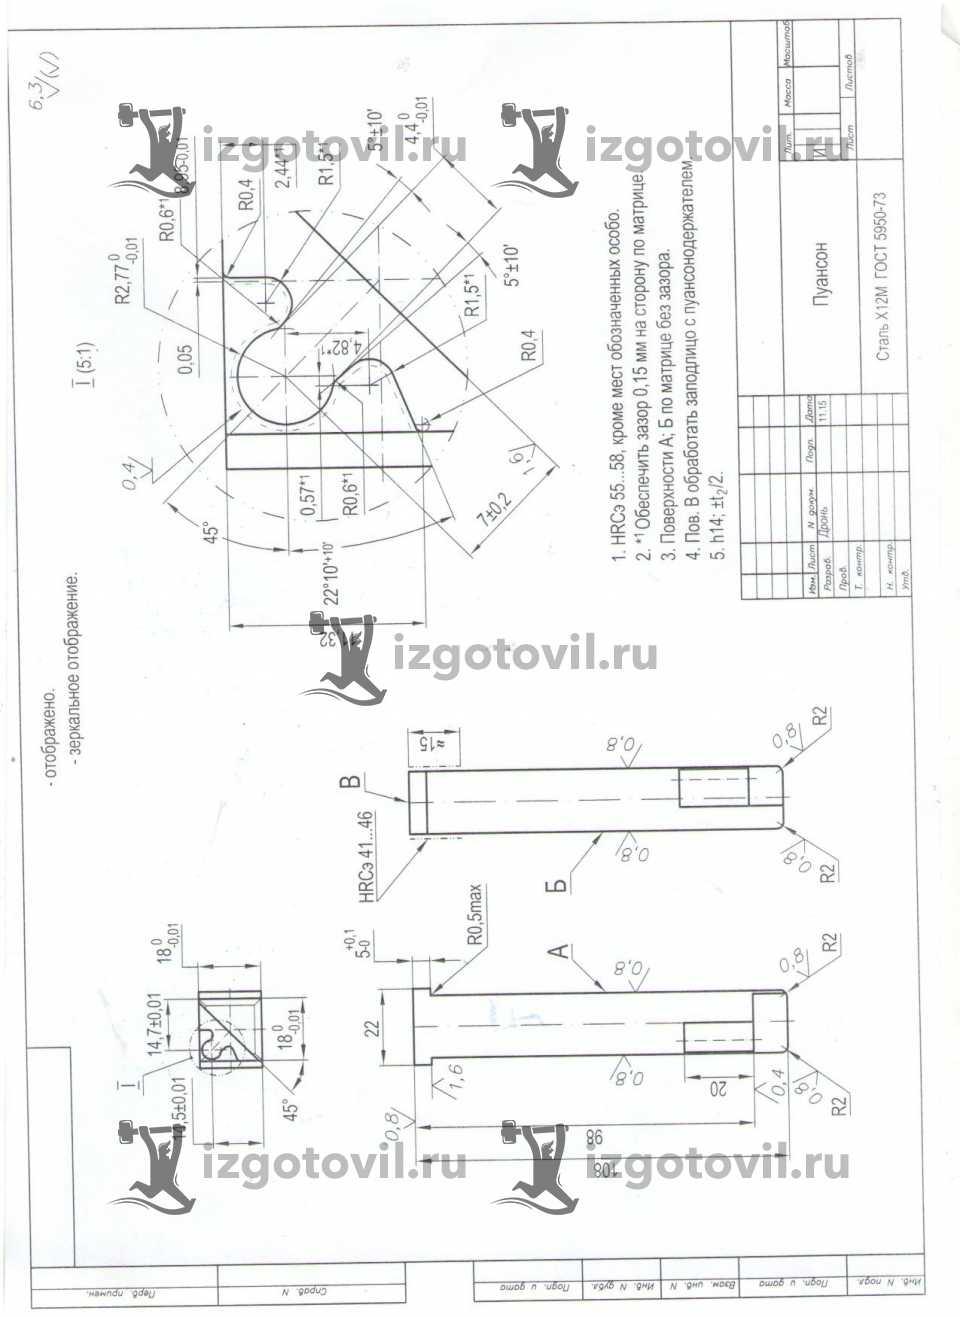 Изготовление матриц и пуансонов по чертежу